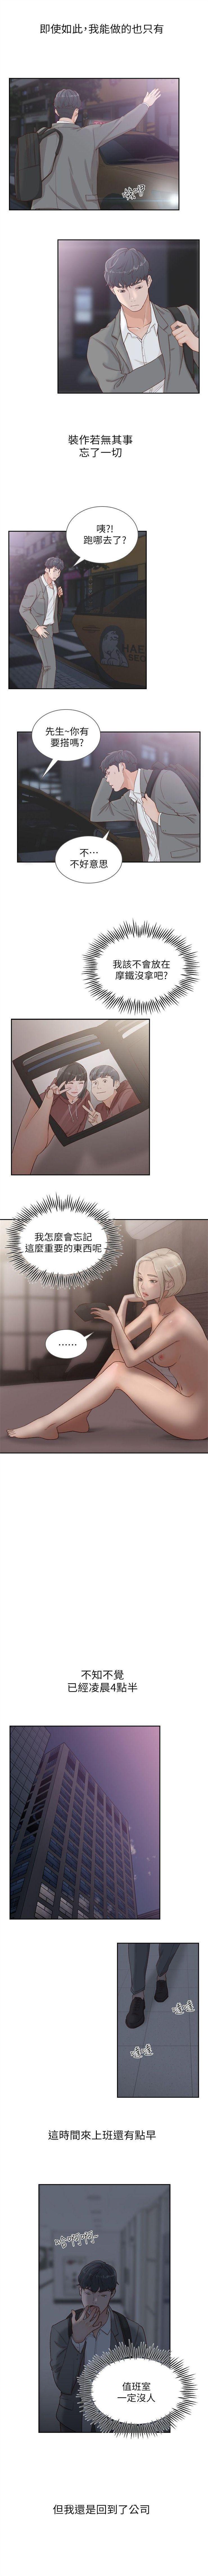 前女友 1-48 中文翻译(更新中) 32